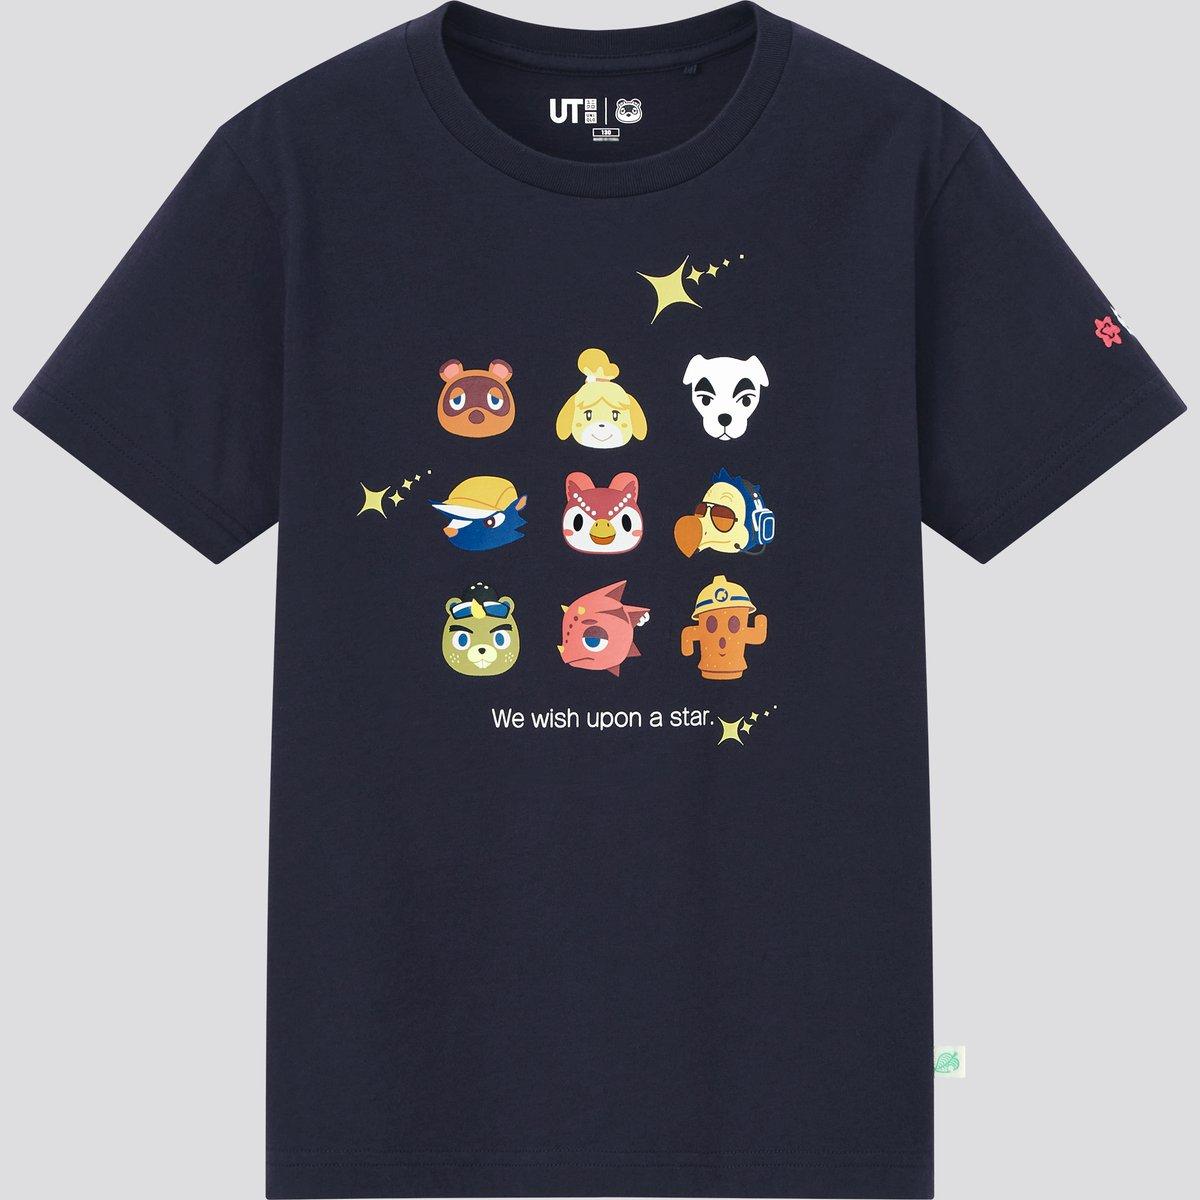 test ツイッターメディア - ユニクロUTから「あつ森」コレクション発売。「たぬきち」や「しずえ」、DALのロゴをデザインしたTシャツなどを展開します。 https://t.co/SHT5PqYgag https://t.co/4O8wkrGuVg